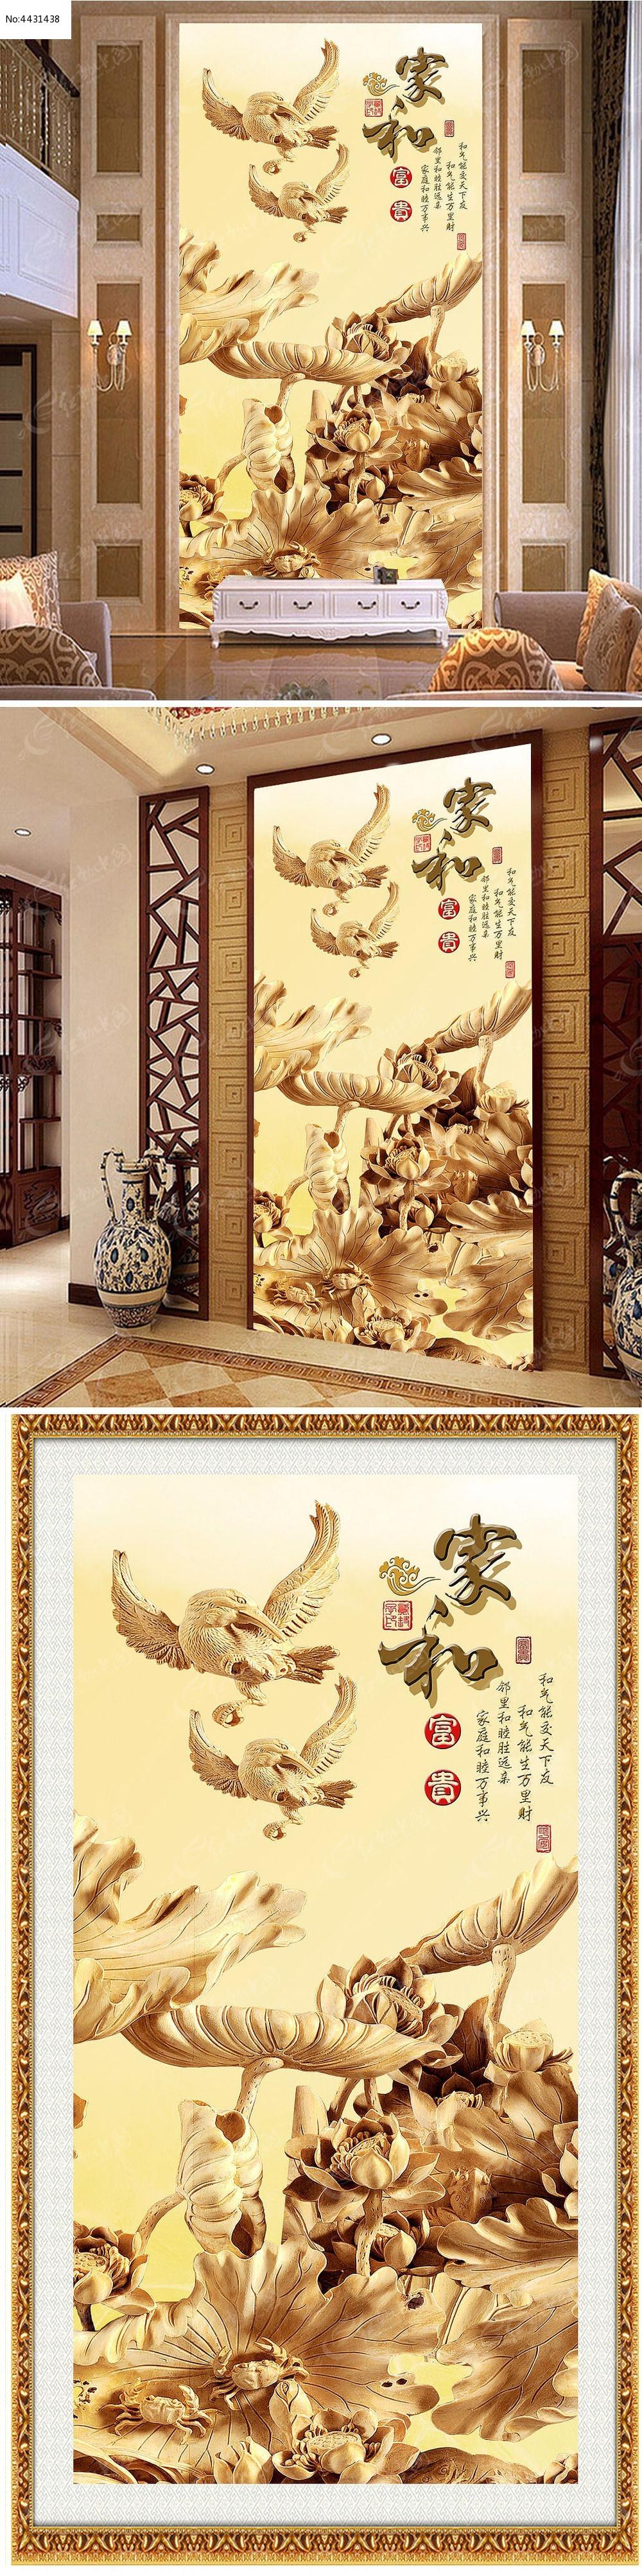 原创设计稿 装饰画/电视背景墙 玄关隔断 家和富贵牡丹鸳鸯木雕玄关图片